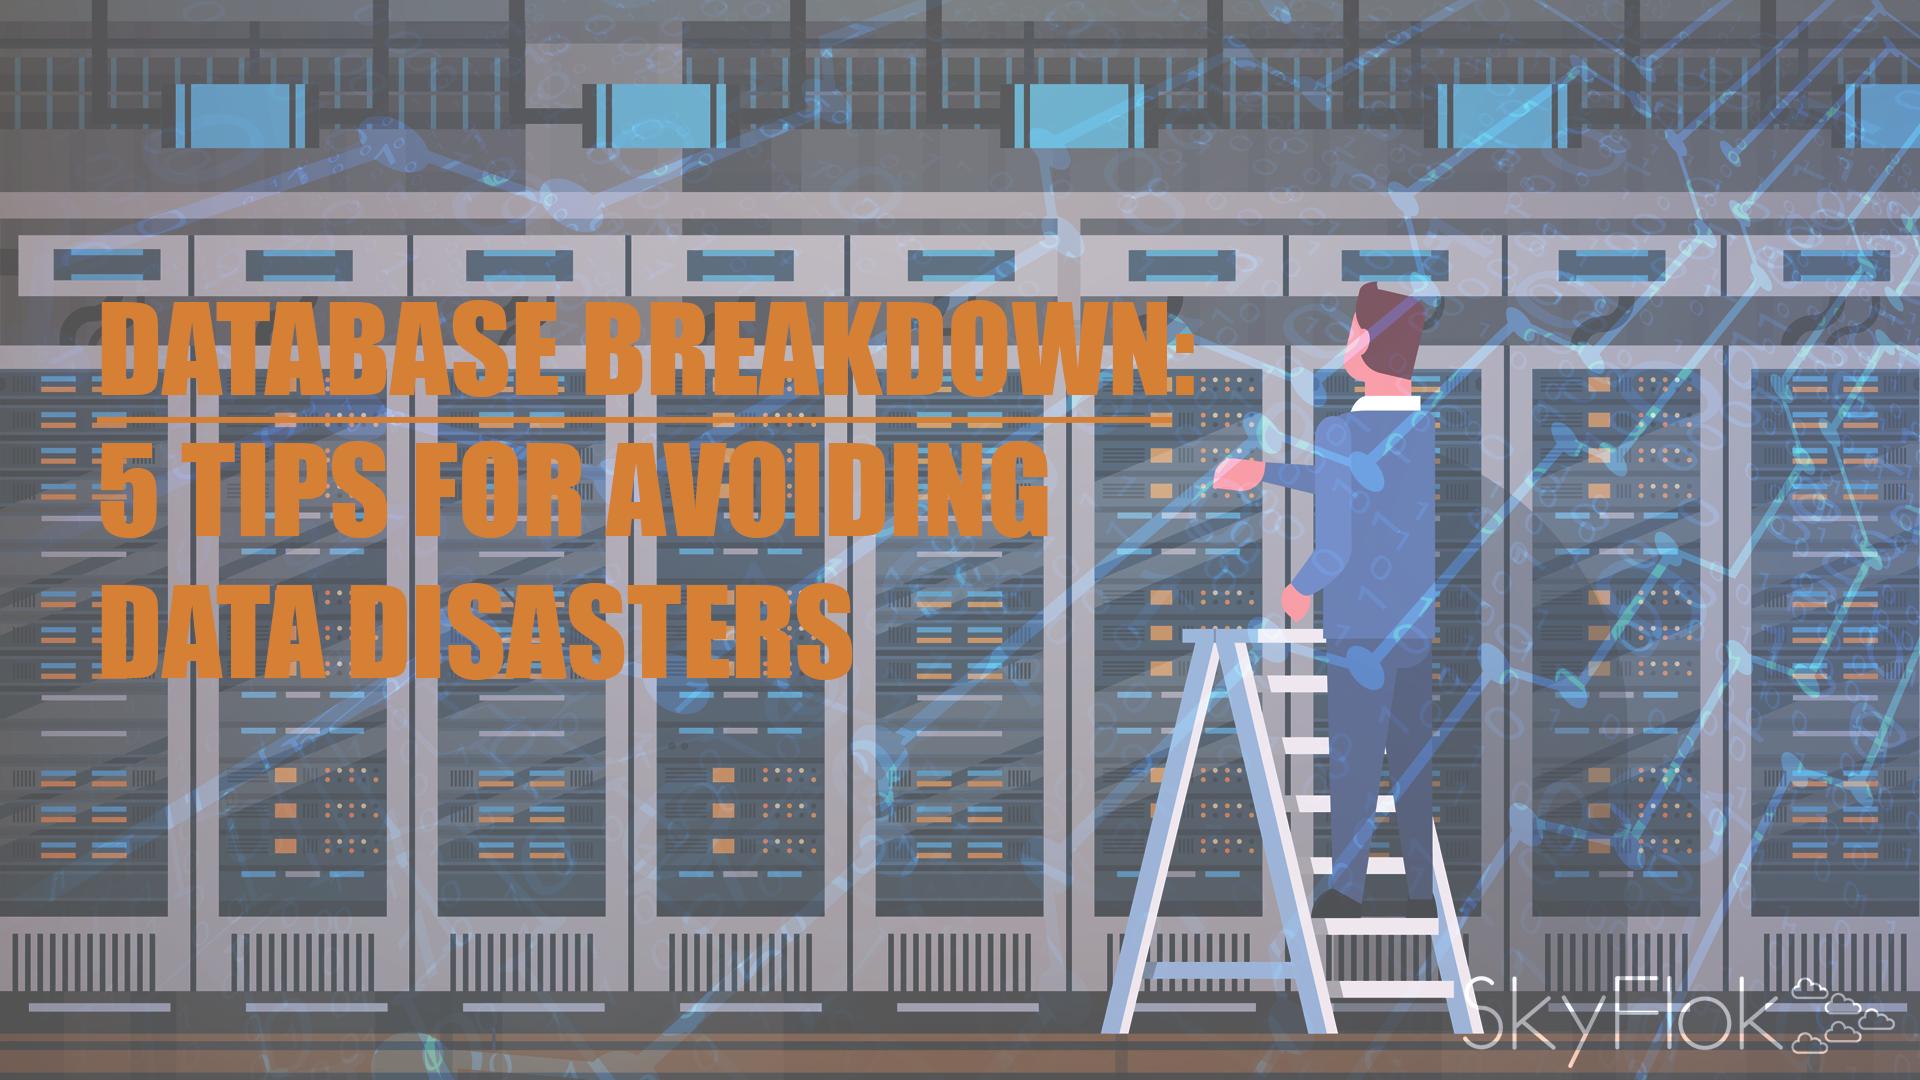 Database breakdown: 5 tips for avoiding data disasters